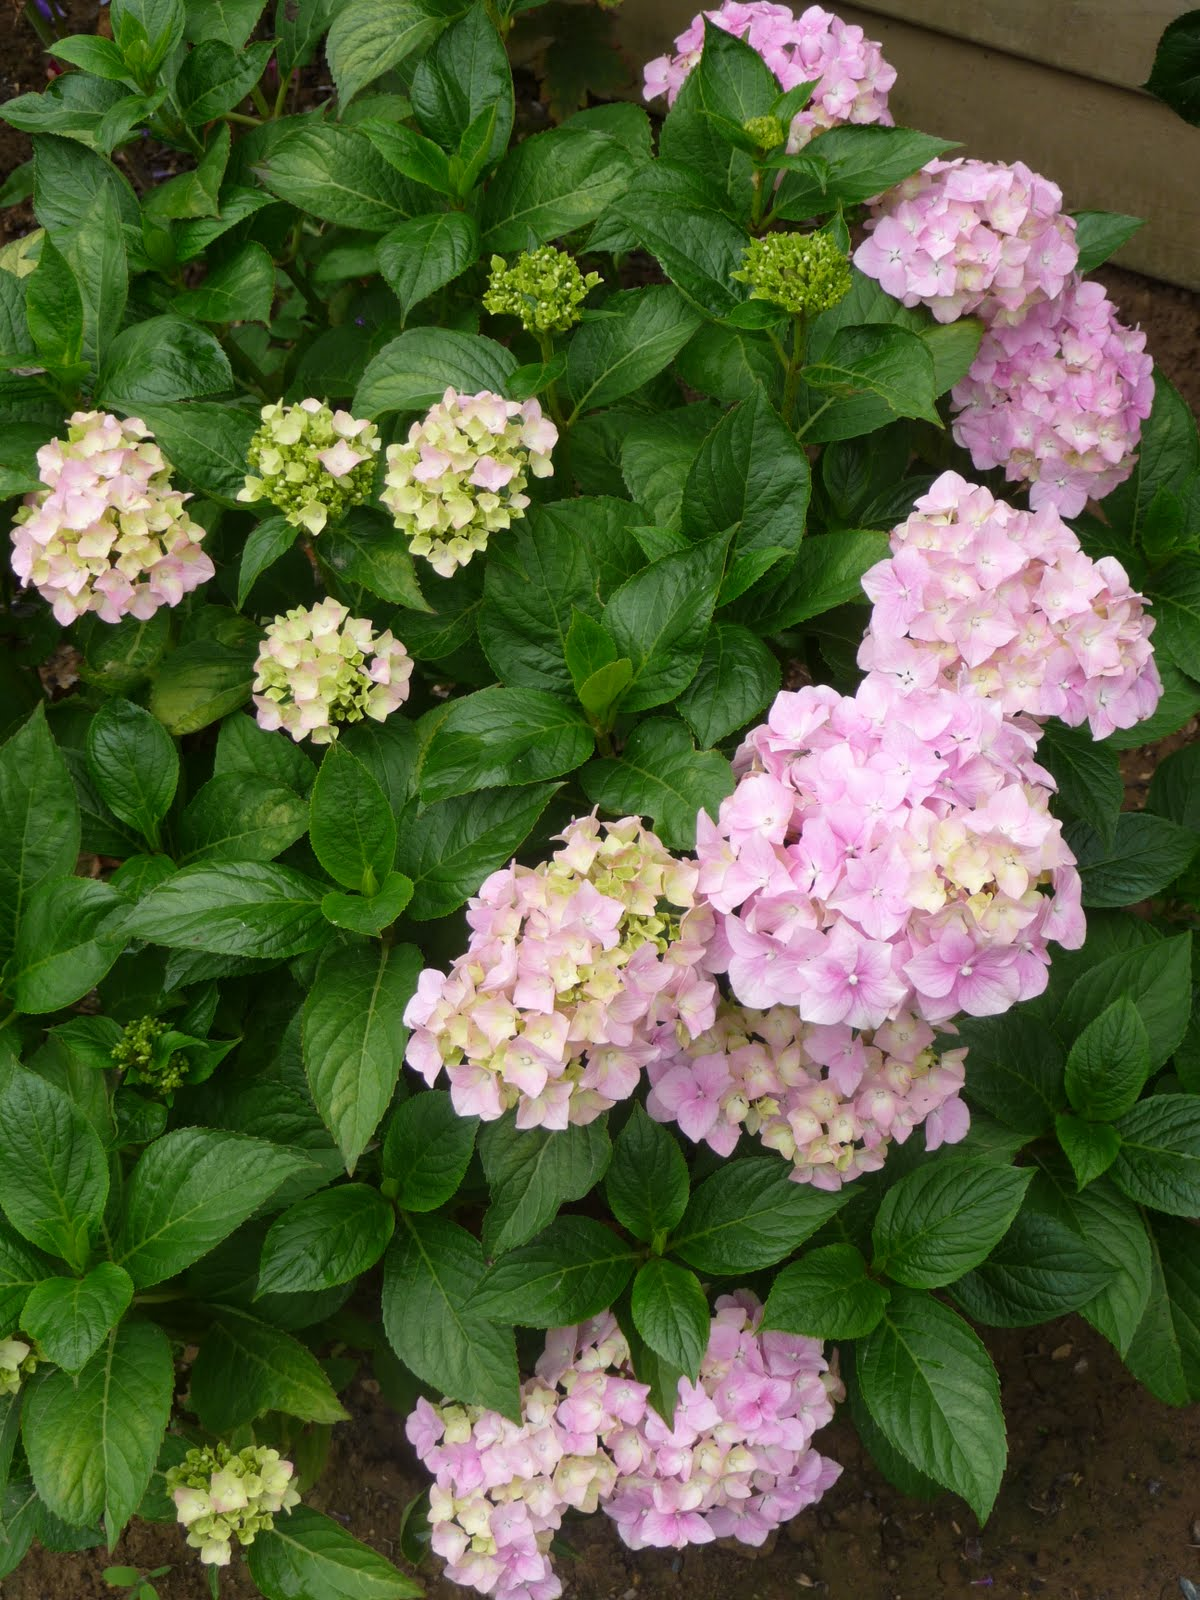 Ma terre de bruy re pas d courag e - Quand faut il couper les fleurs fanees des hortensias ...